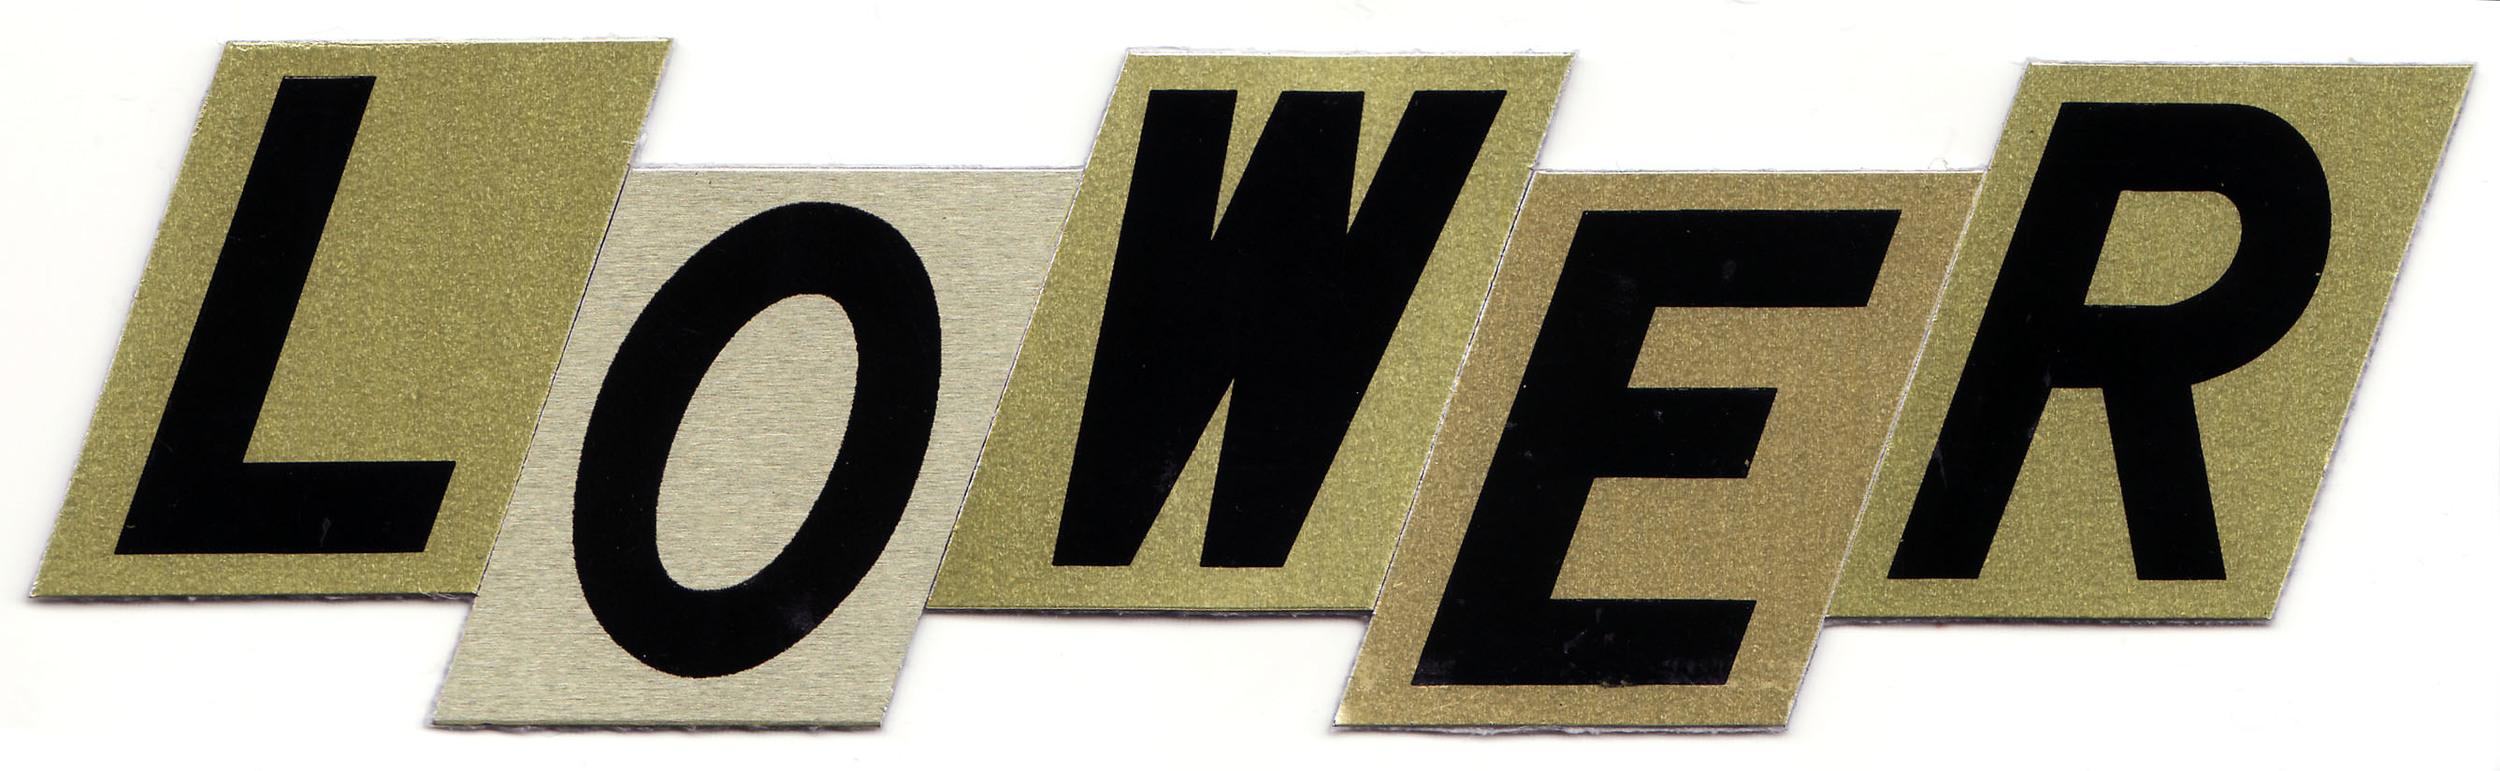 LOWER-LOGO.jpg